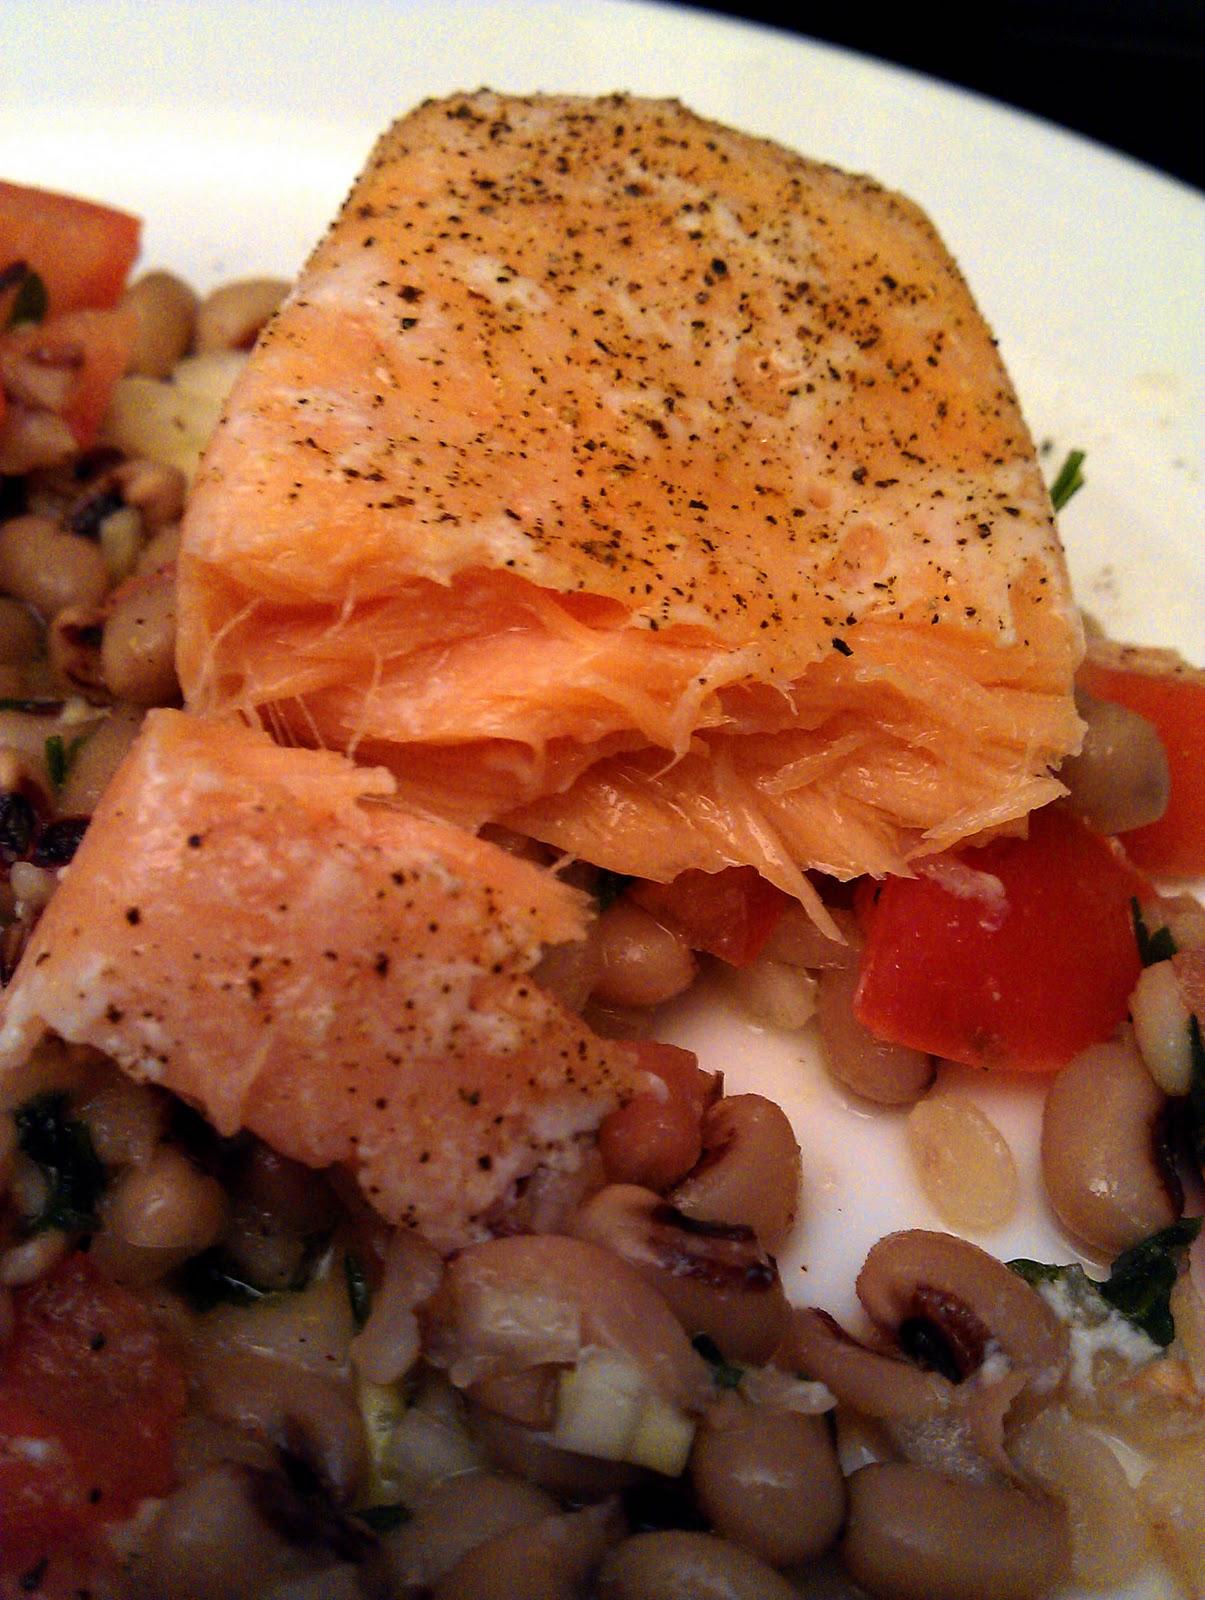 Le blog culinaire d 39 eric cuisine moderniste basse - Duree cuisson oeuf a la coque ...